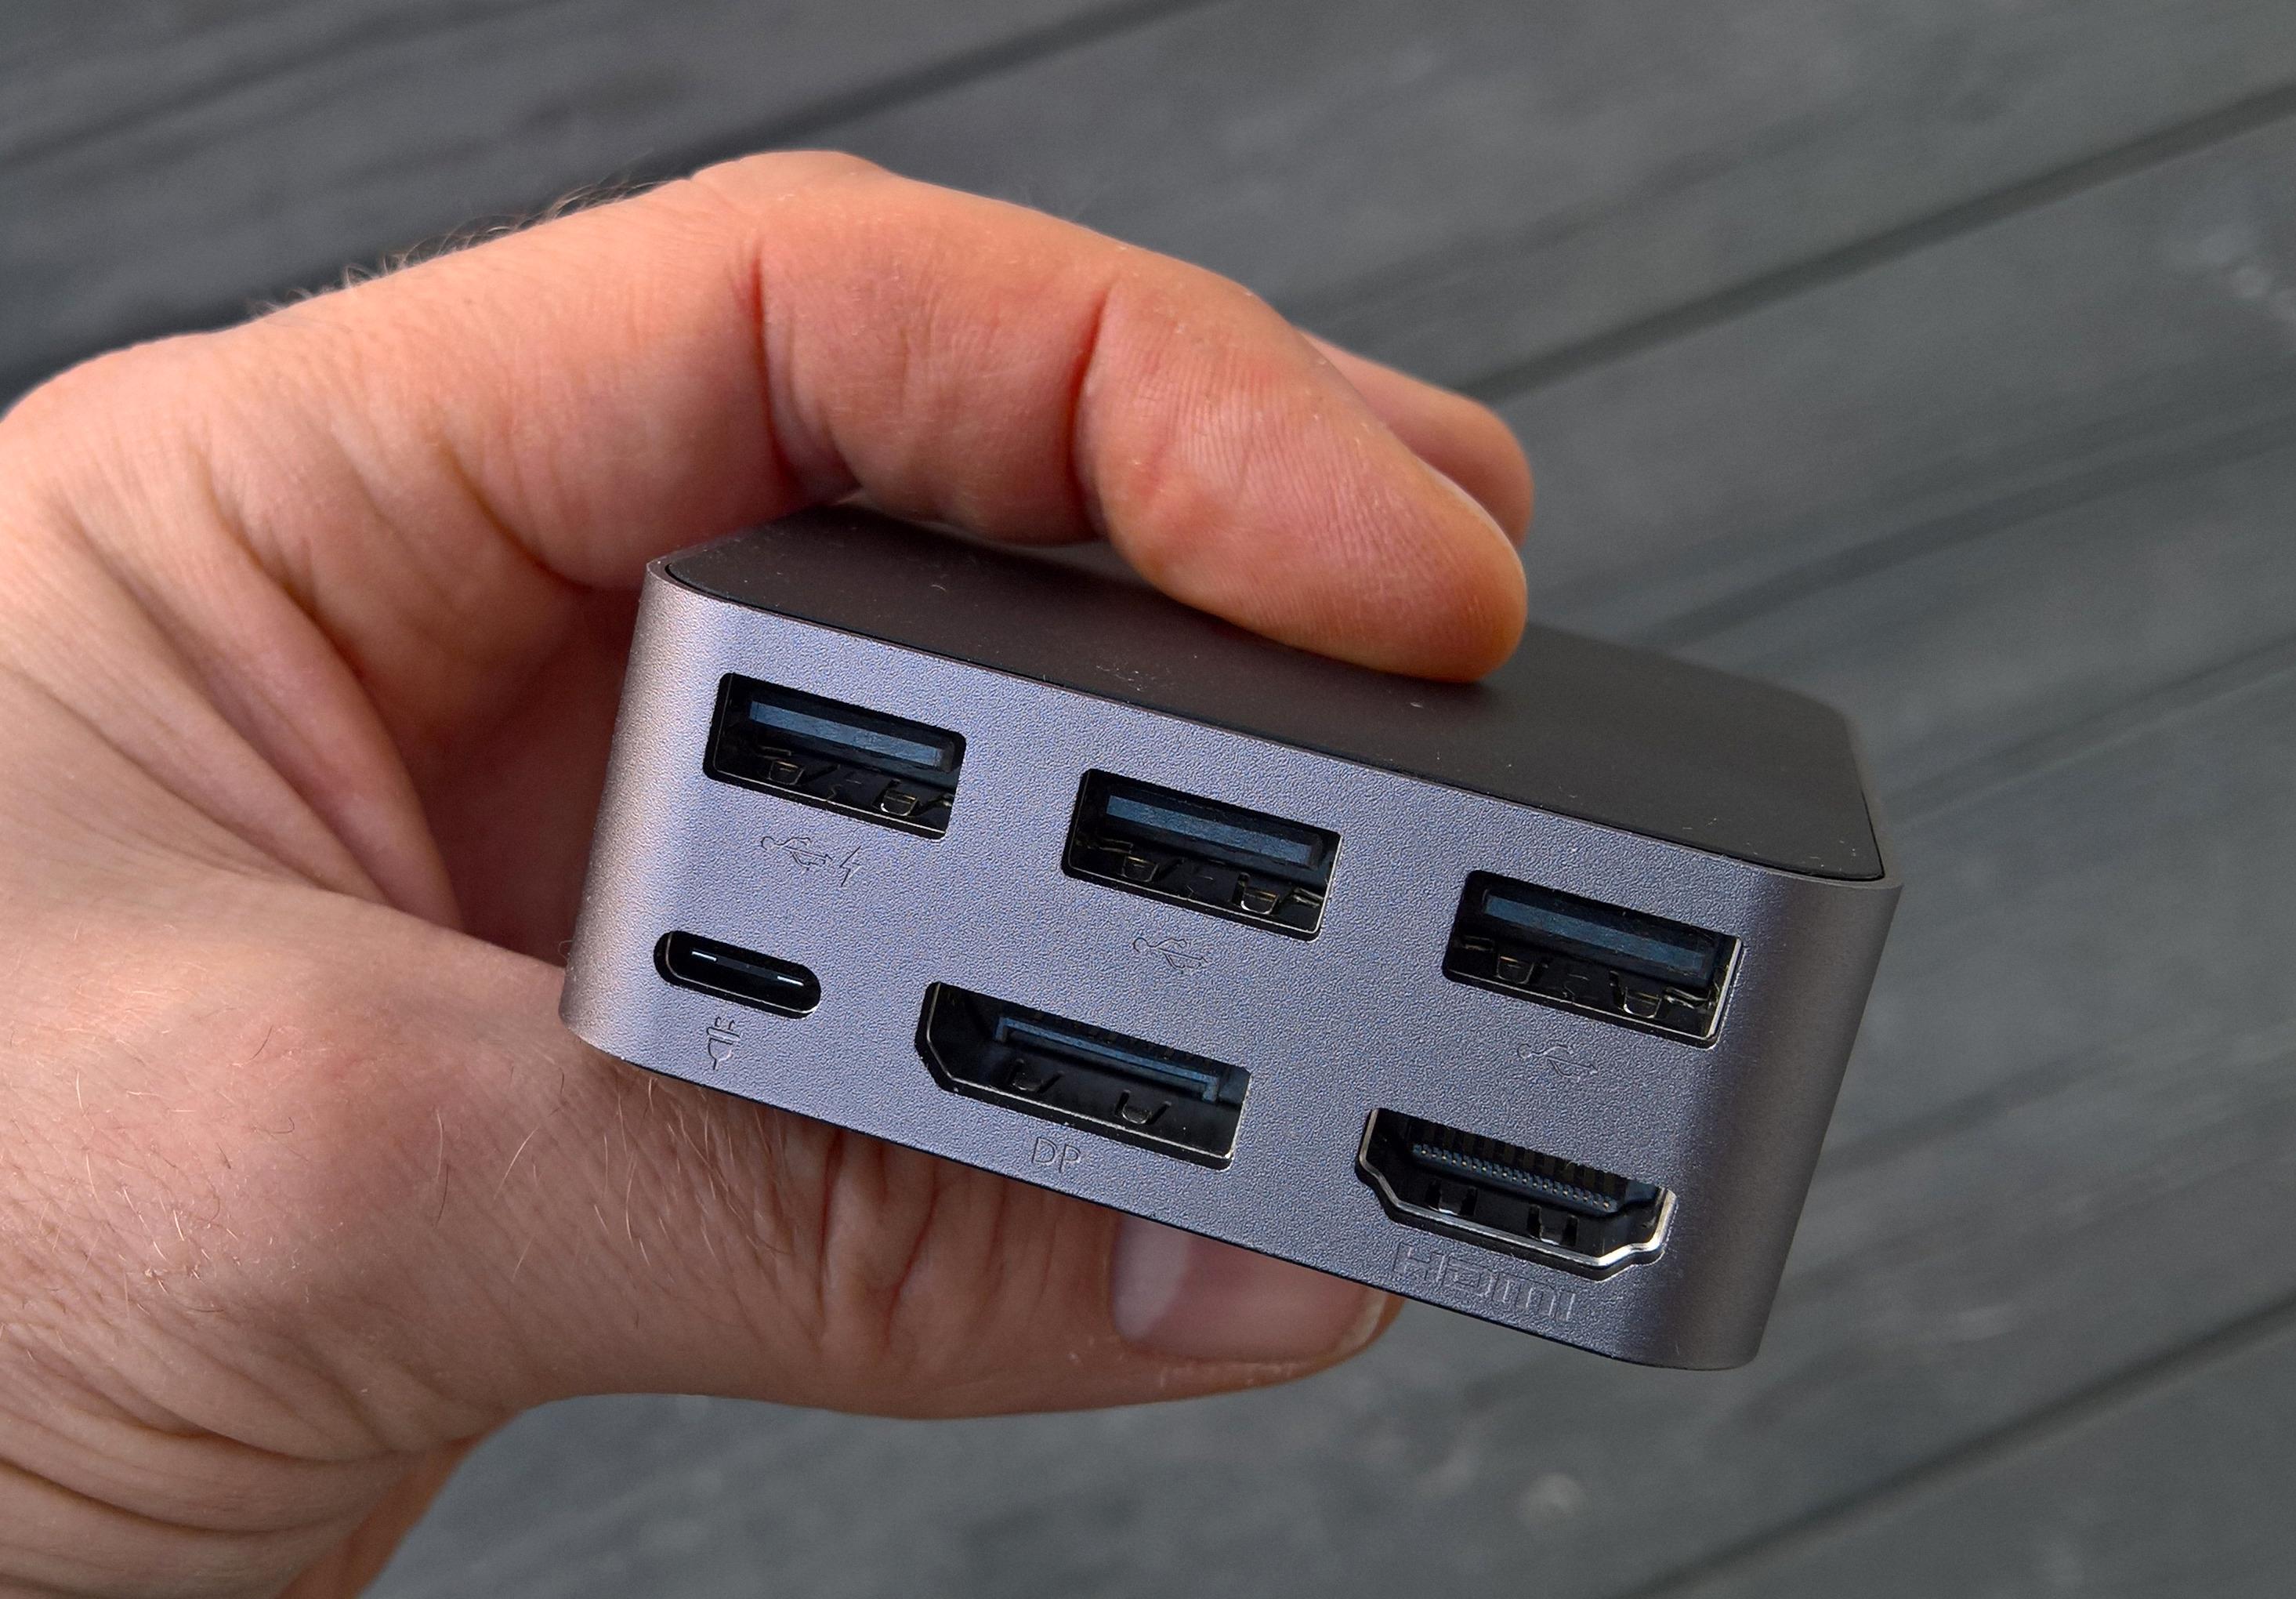 På baksiden av dokkingstasjonen finner du tre USB 2.0-porter, en HDMI-utgang, en DisplayPort-utgang, samt en USB Type-C-kontakt for tilkobling til lader. Foto: Kurt Lekanger, Tek.no